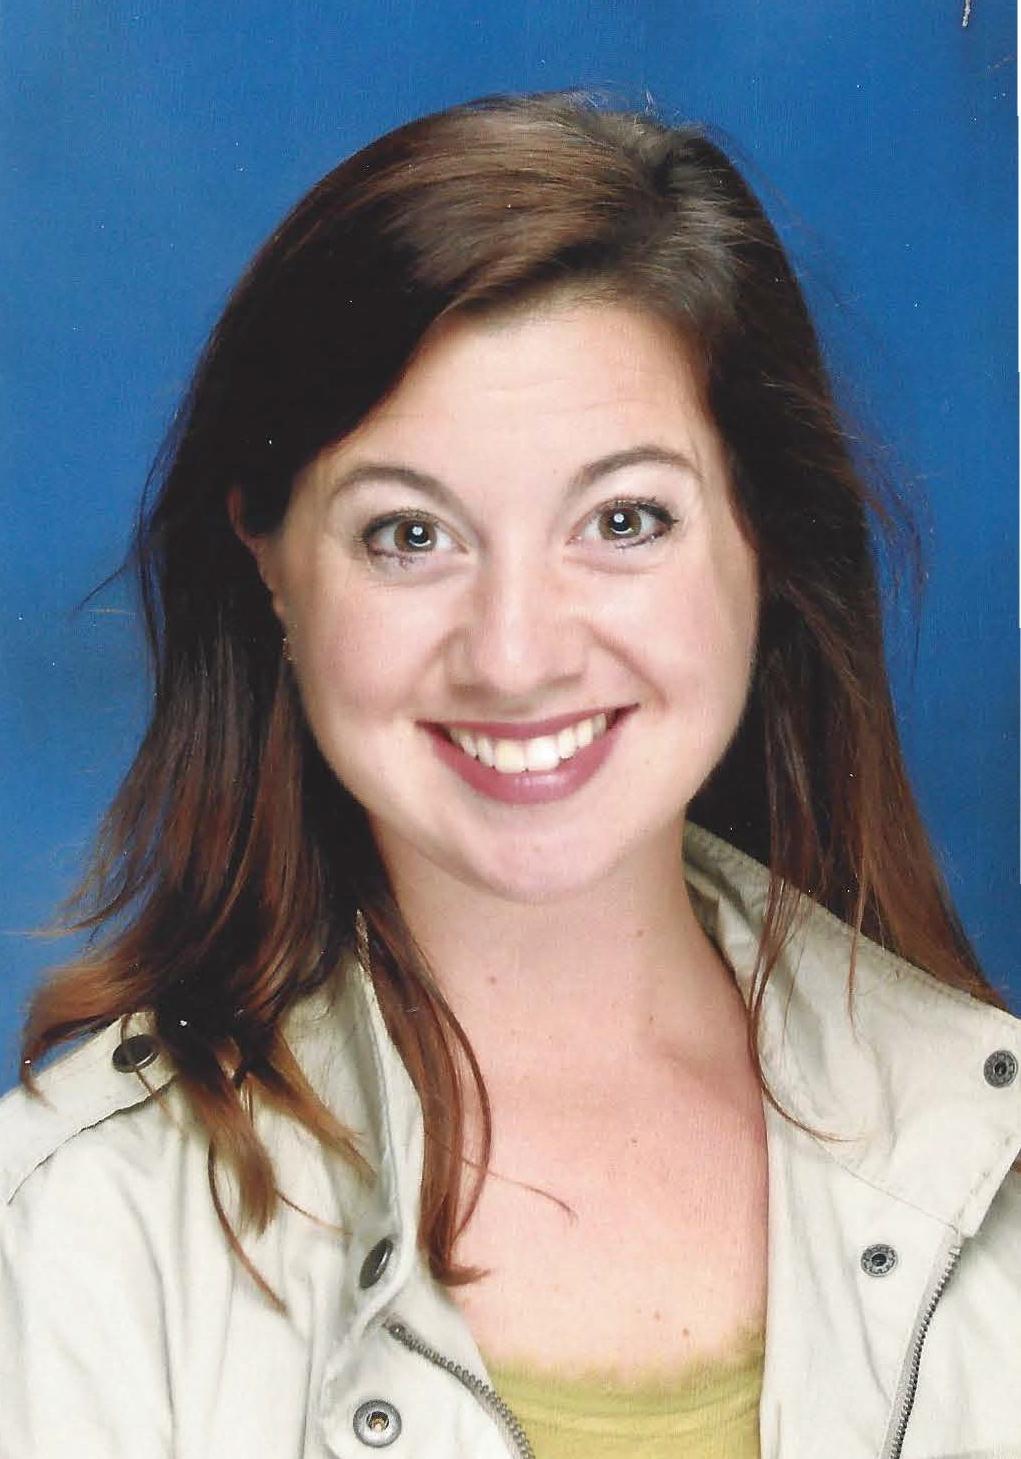 Sarah Strada